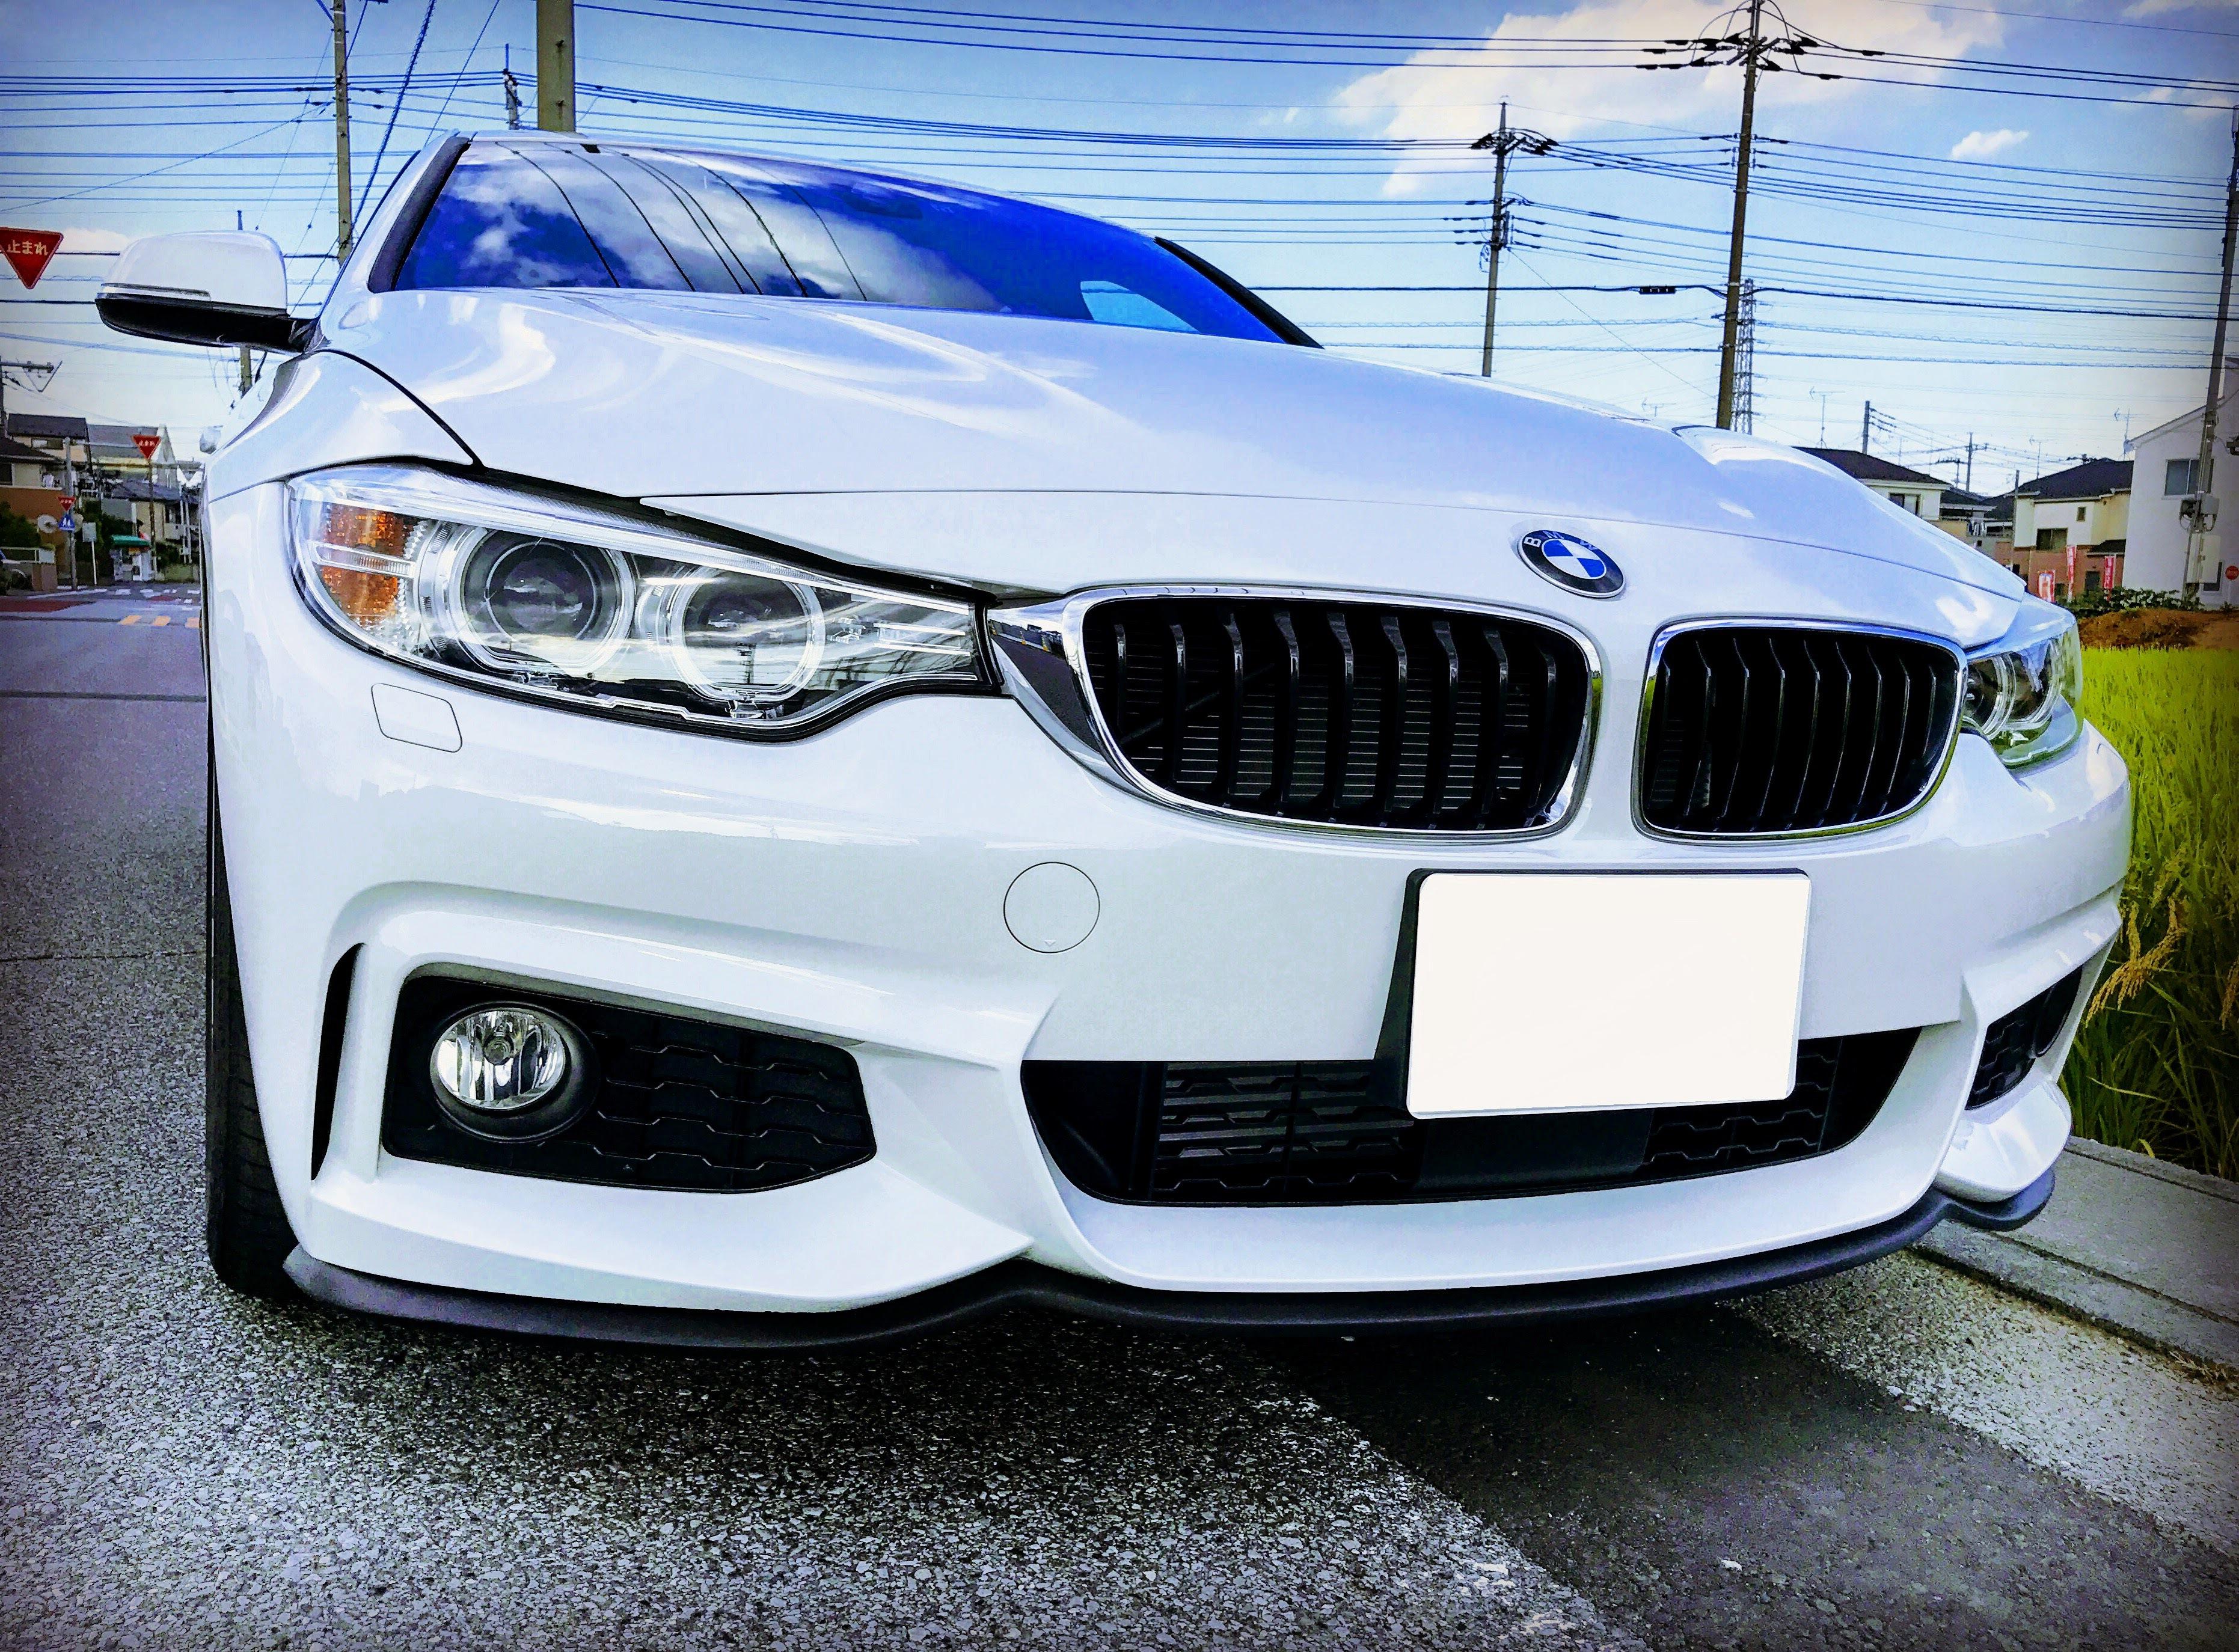 BMW4シリーズグランクーペにお手軽リップスポイラーEZ Lip【イージーリップ】を装着してみました♪